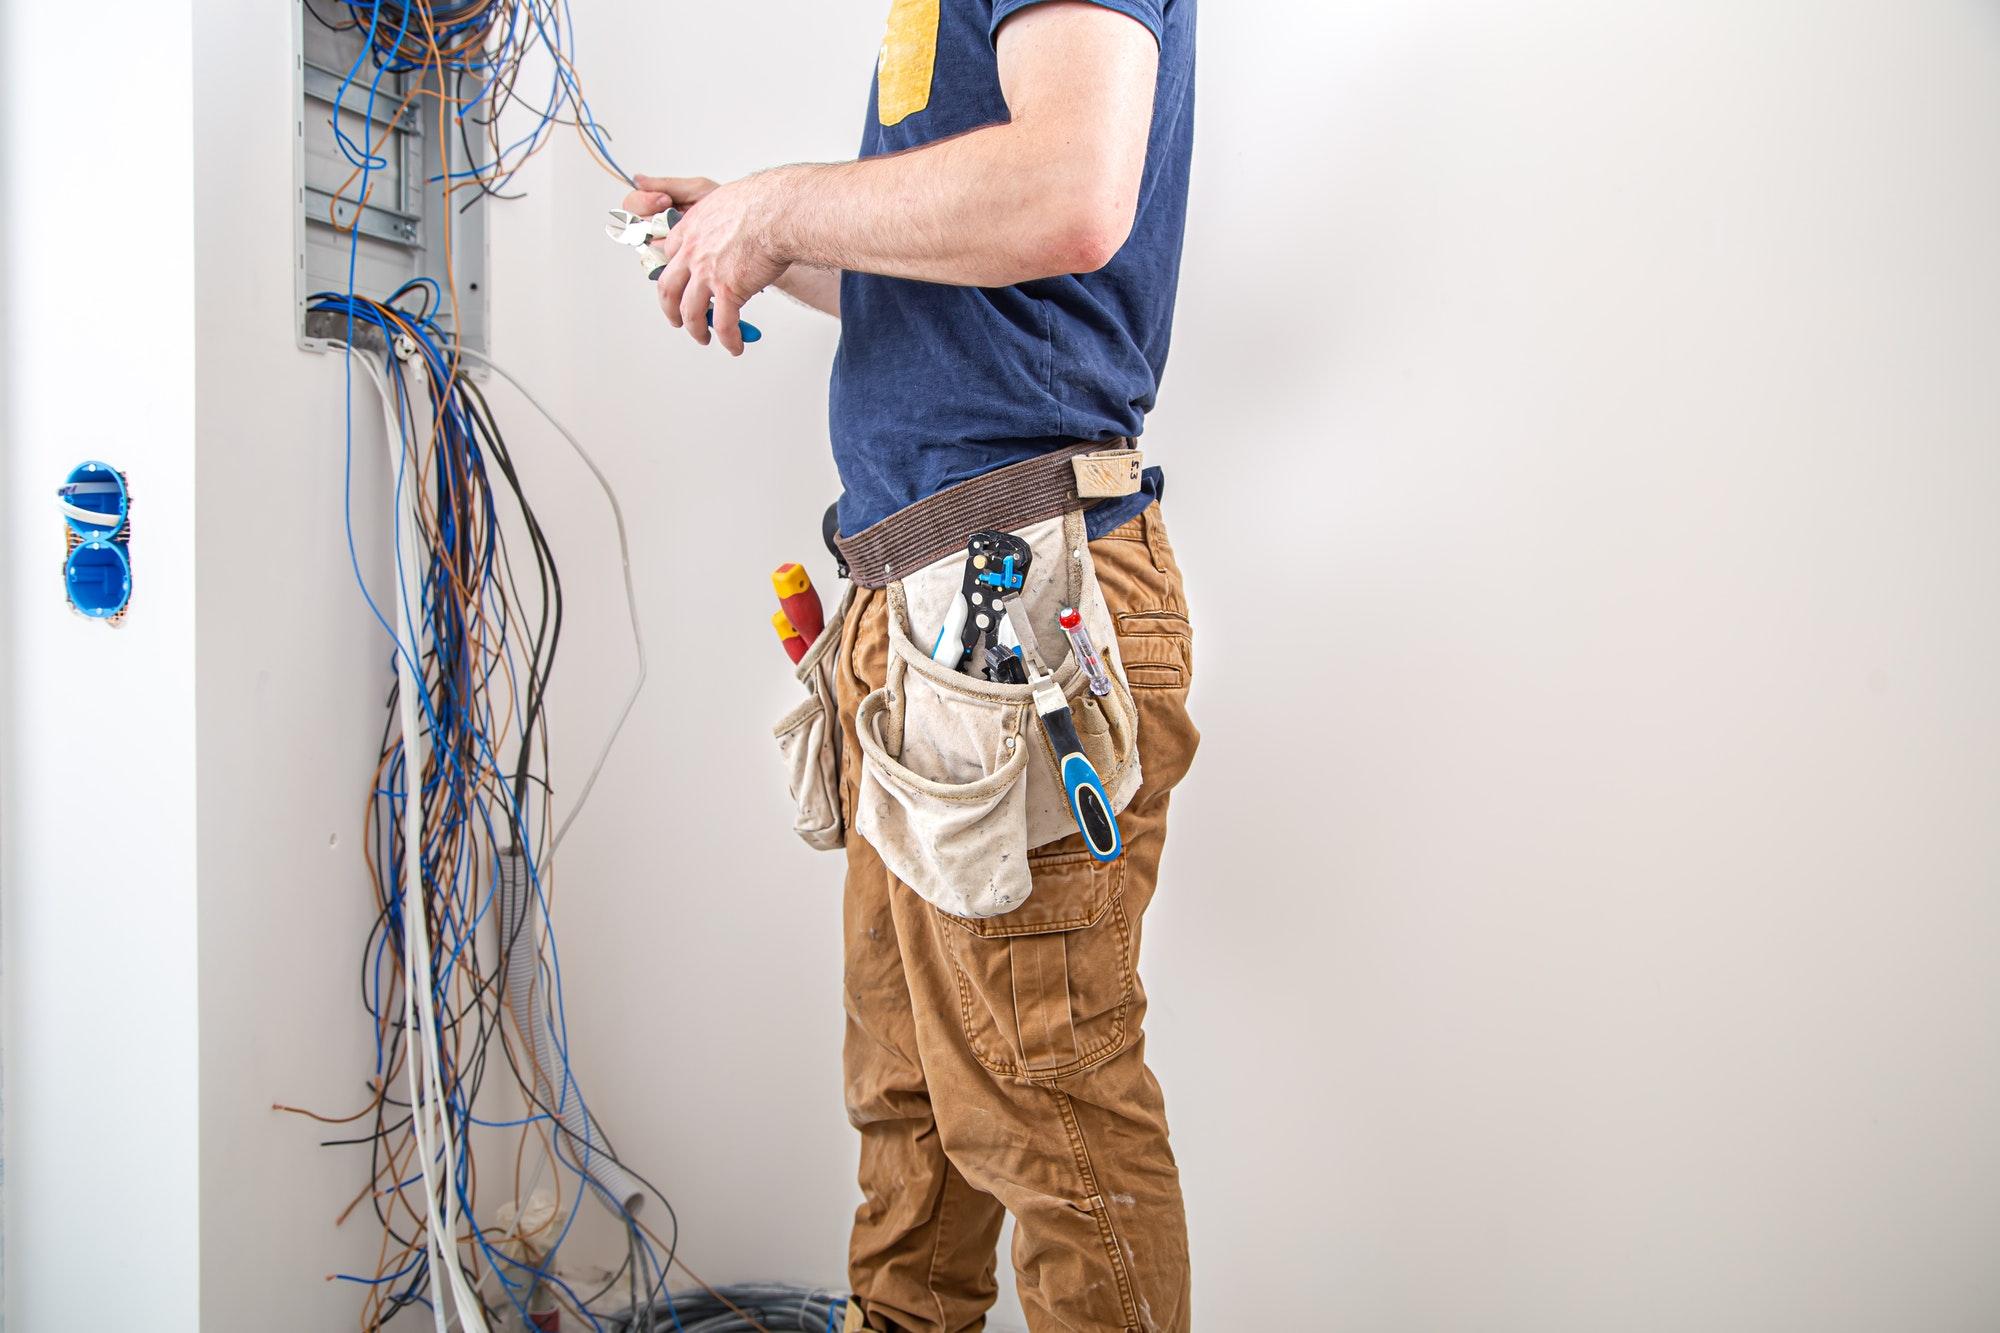 Book en akut elektriker Amager døgnvagt også om lørdag, søndag og i weekenden - Tilbydes; fleksibel el-service og alt af el hos Amagers Elektriker